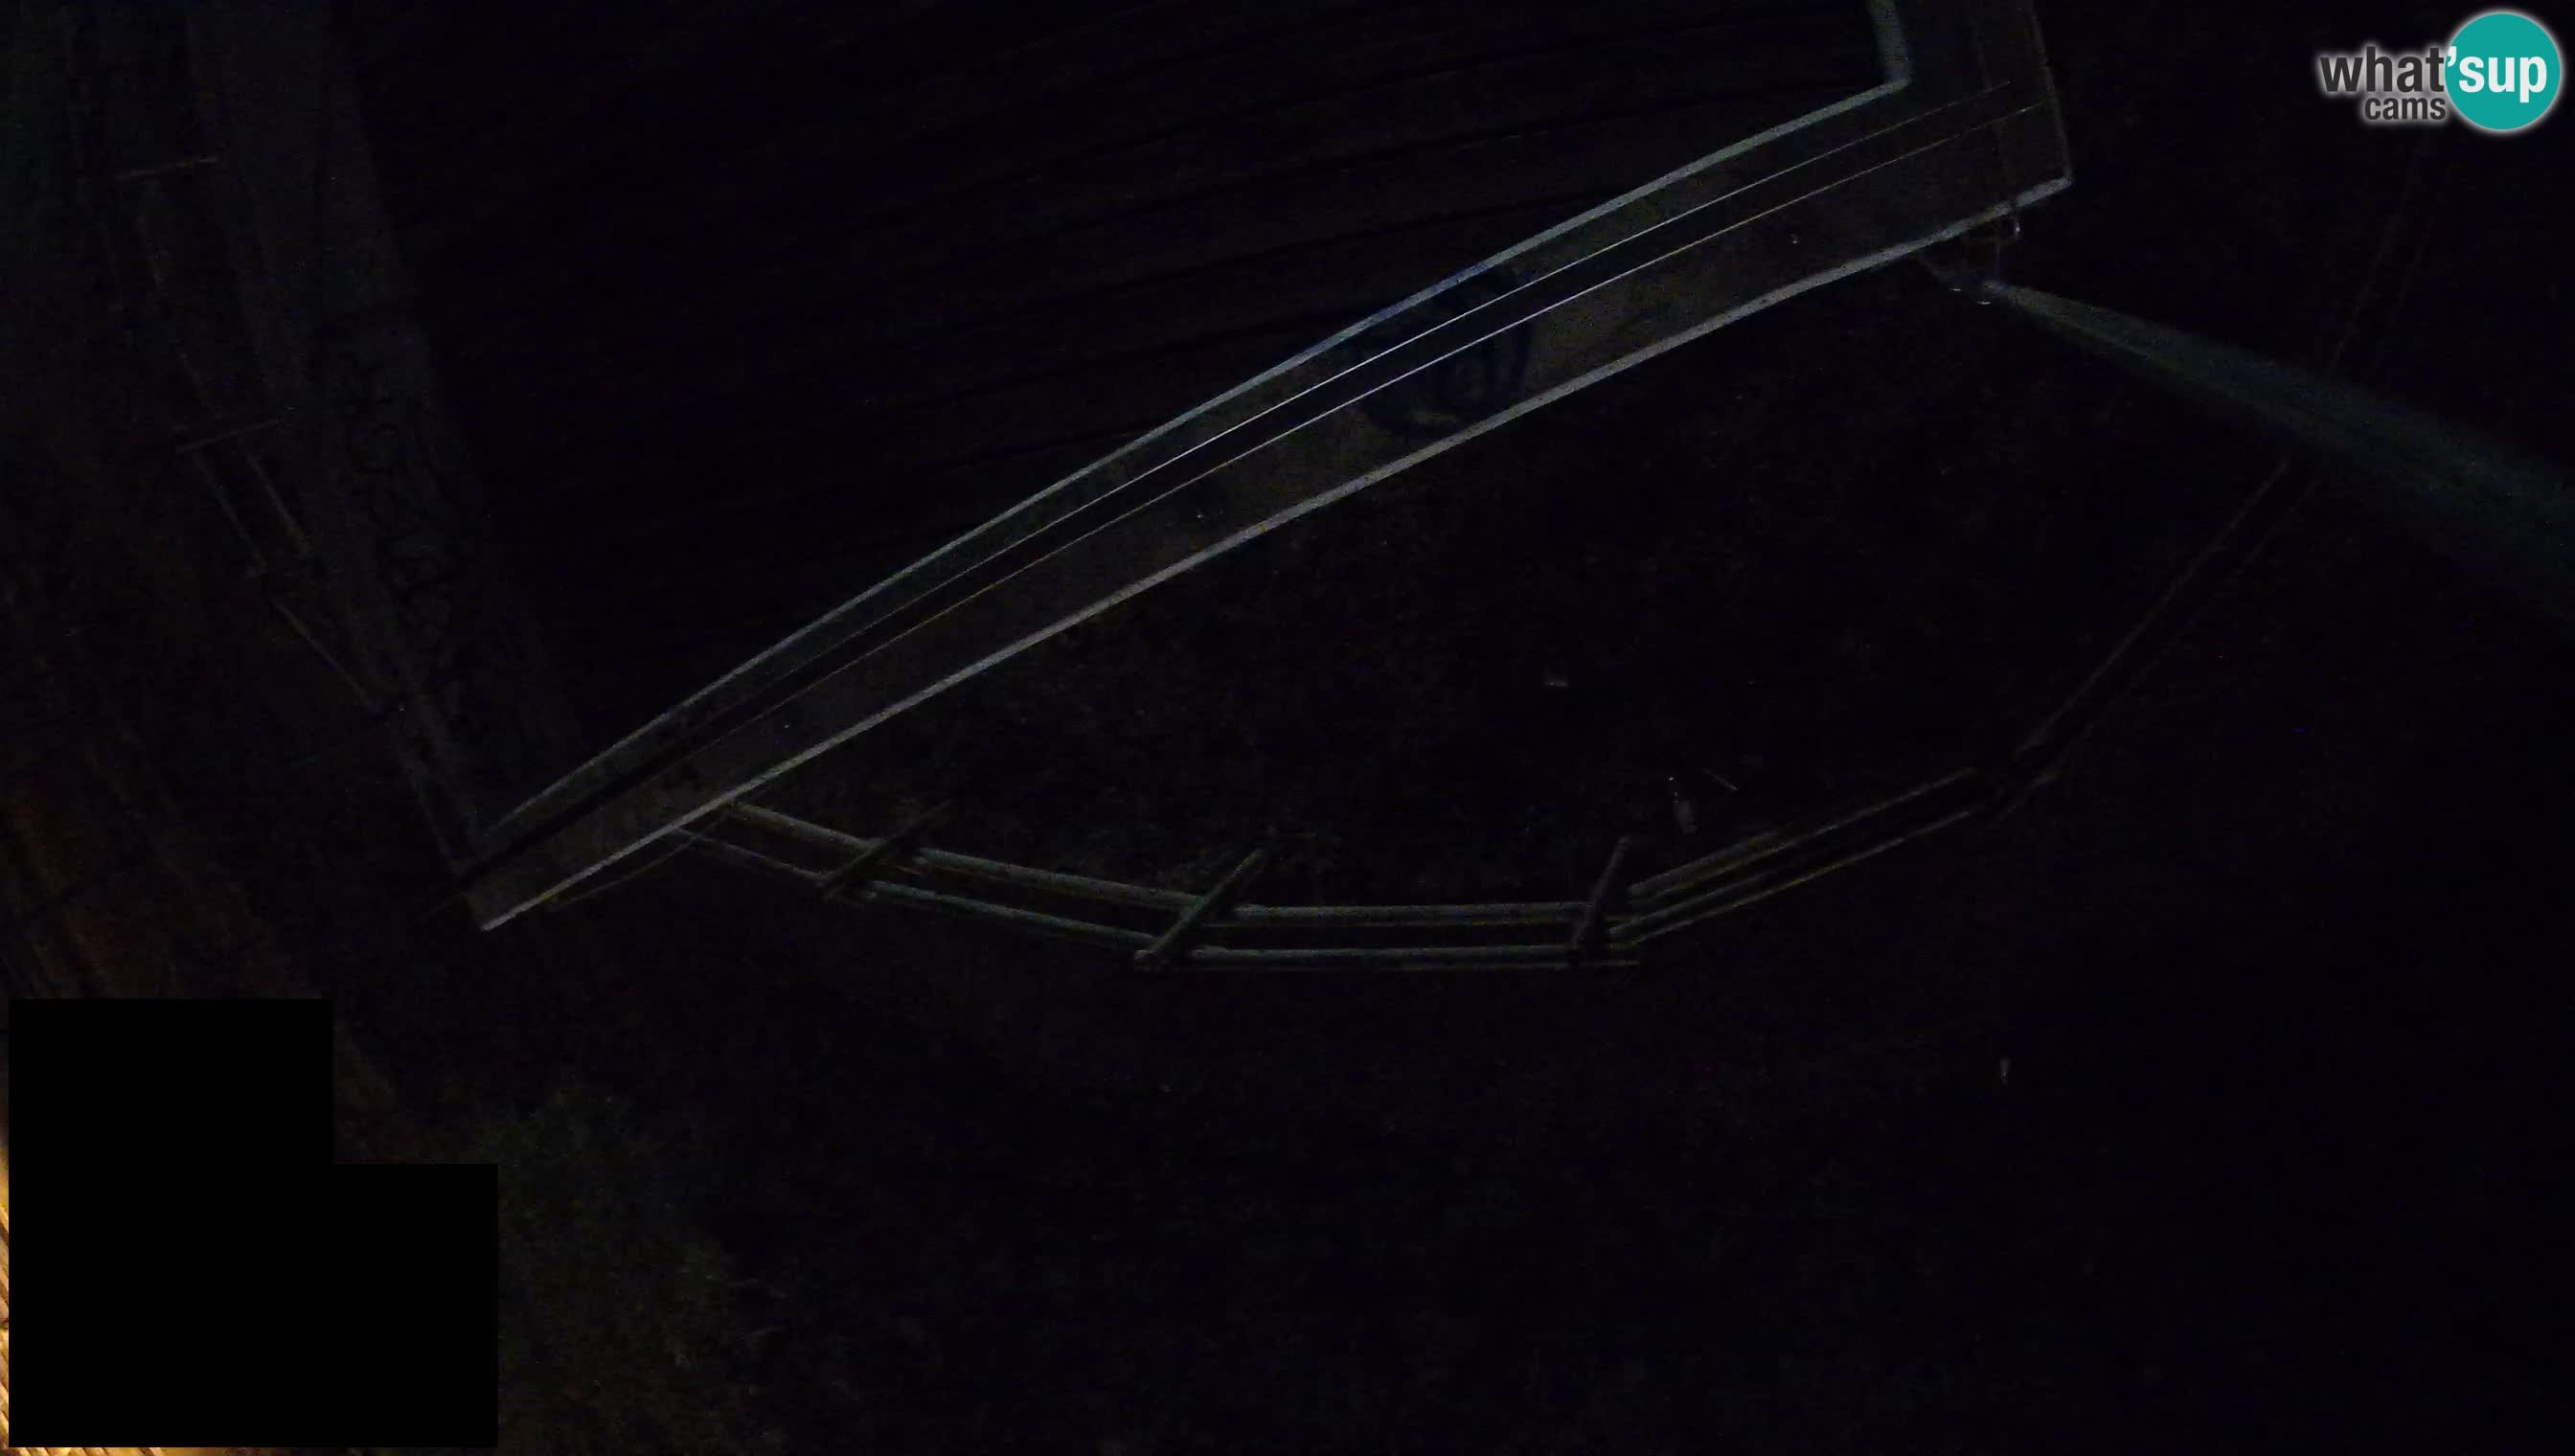 Cámara web en vivo del parque deportivo Šempeter pri Gorici – Eslovenia